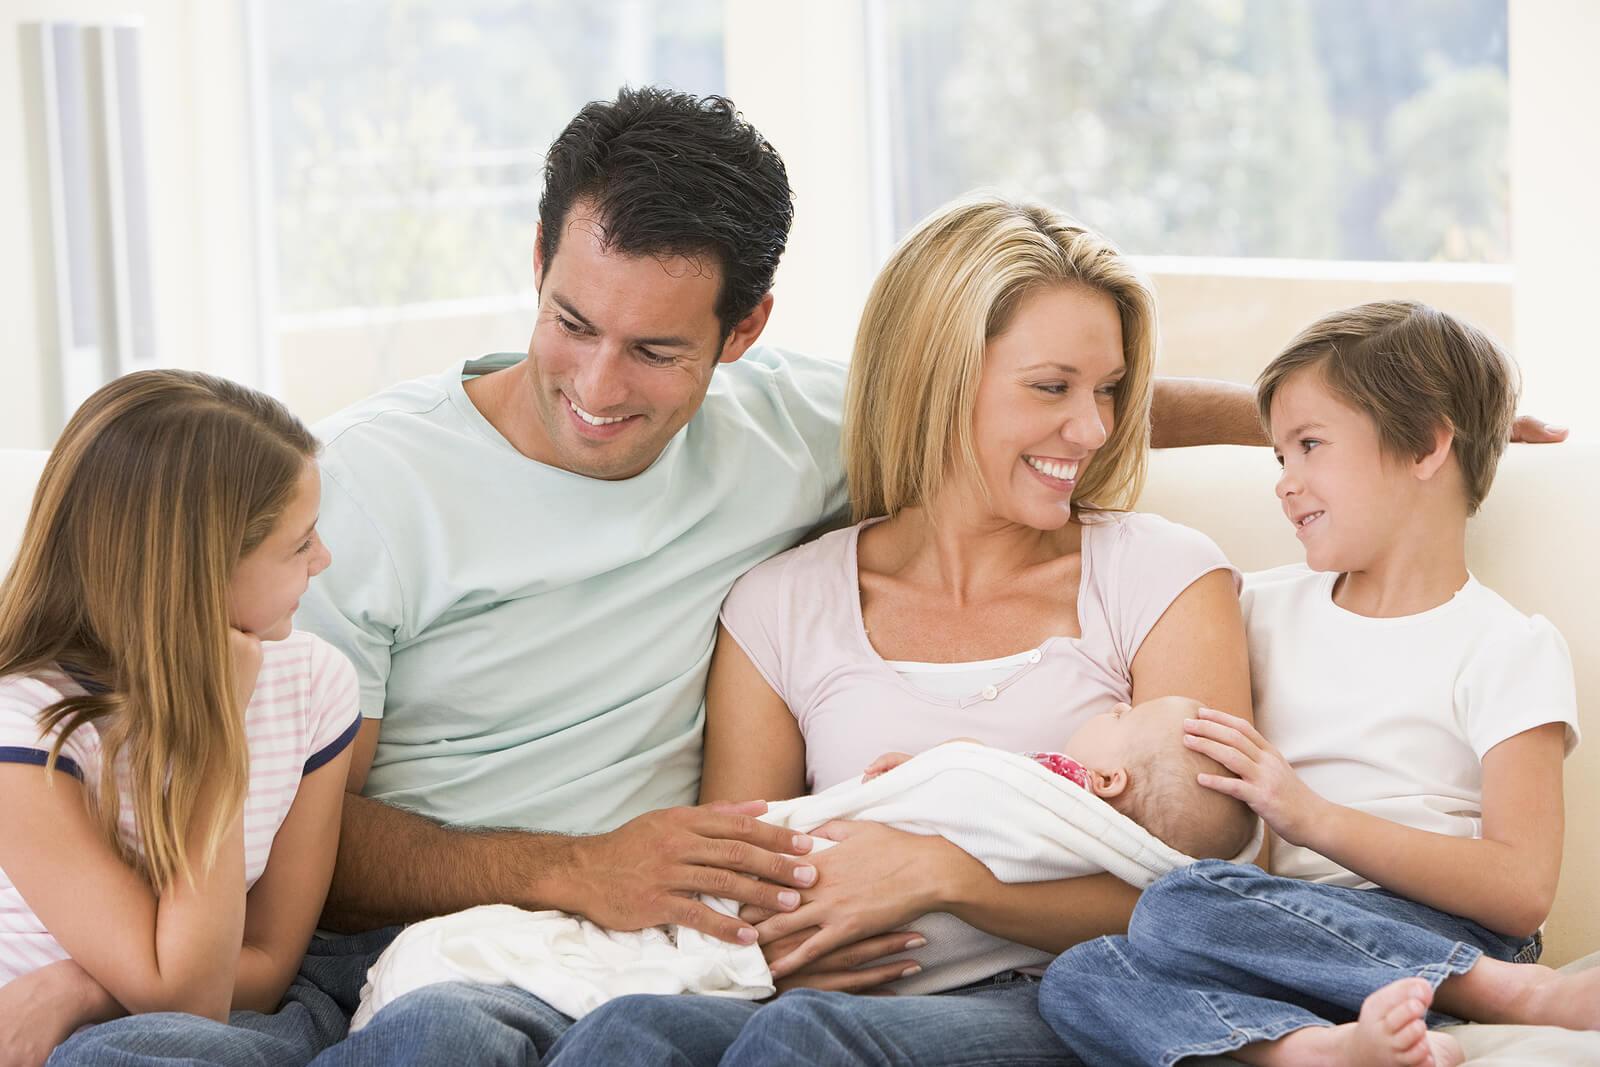 Familia con sus hijos y con su bebé recién nacido en brazos.